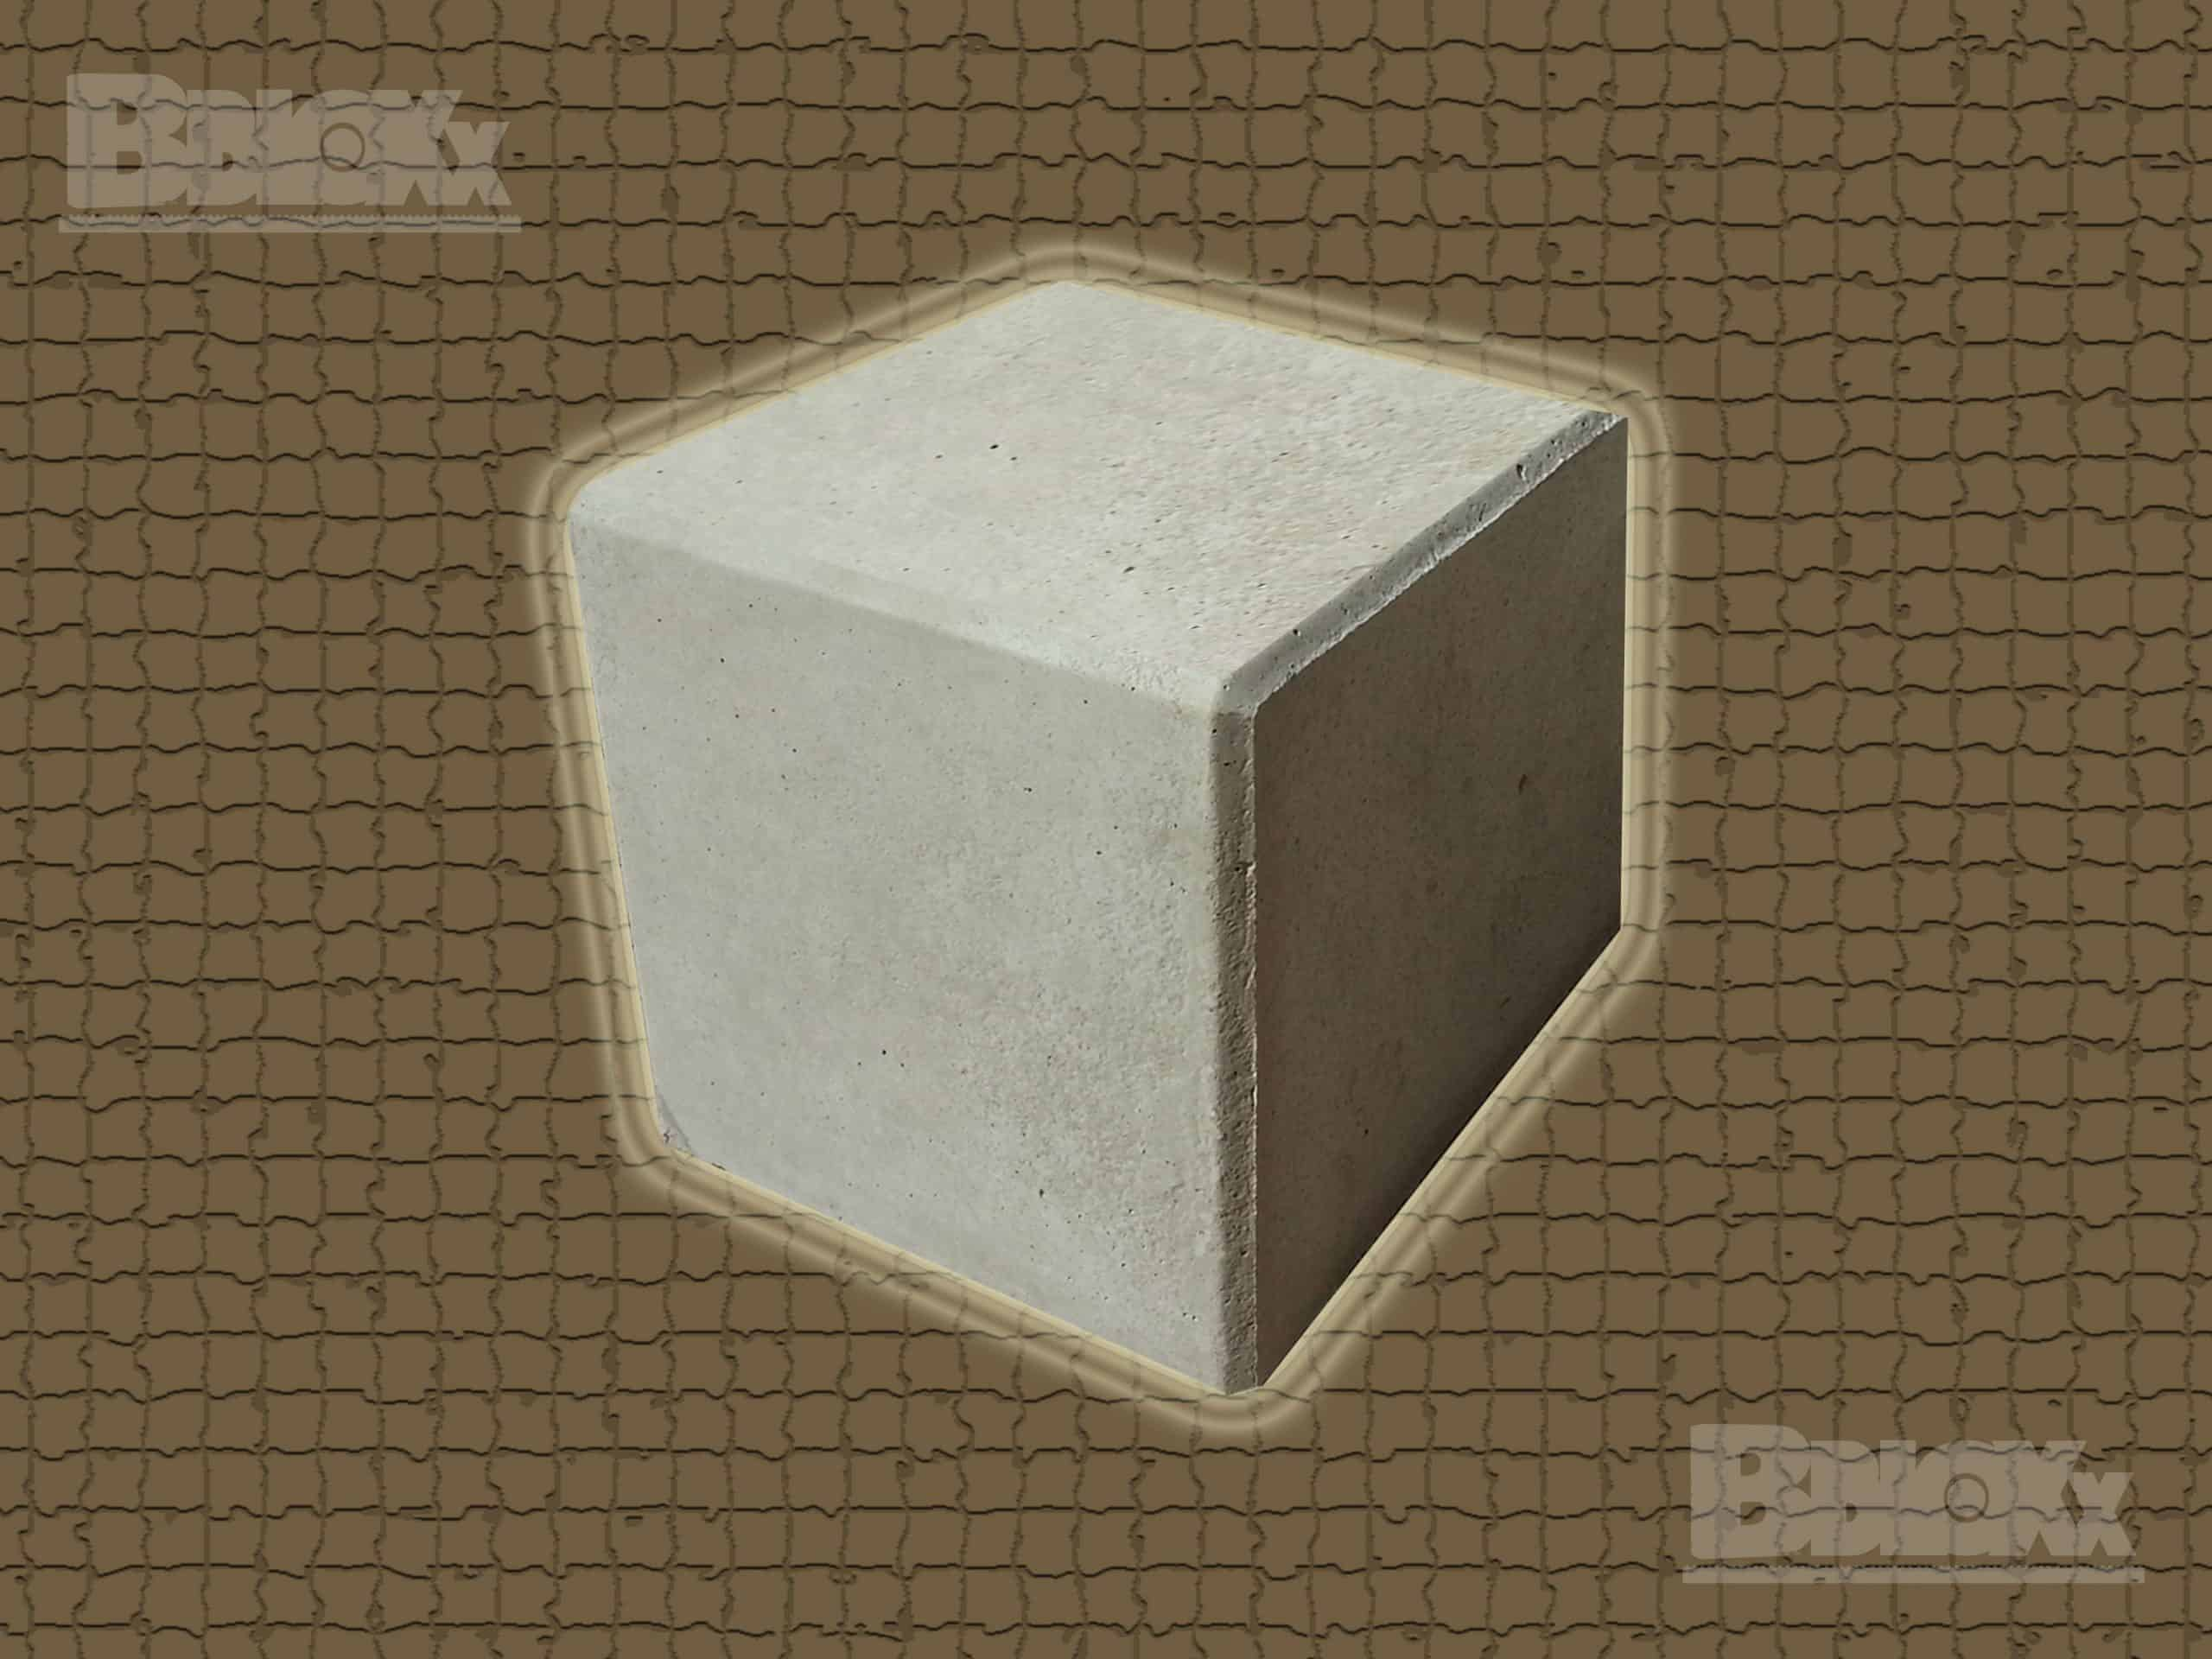 BBloxx-Schnellbaustein | 800 x 800 x 800 mm | Beton-Legostein, Betonblock, Beton-Stapelstein